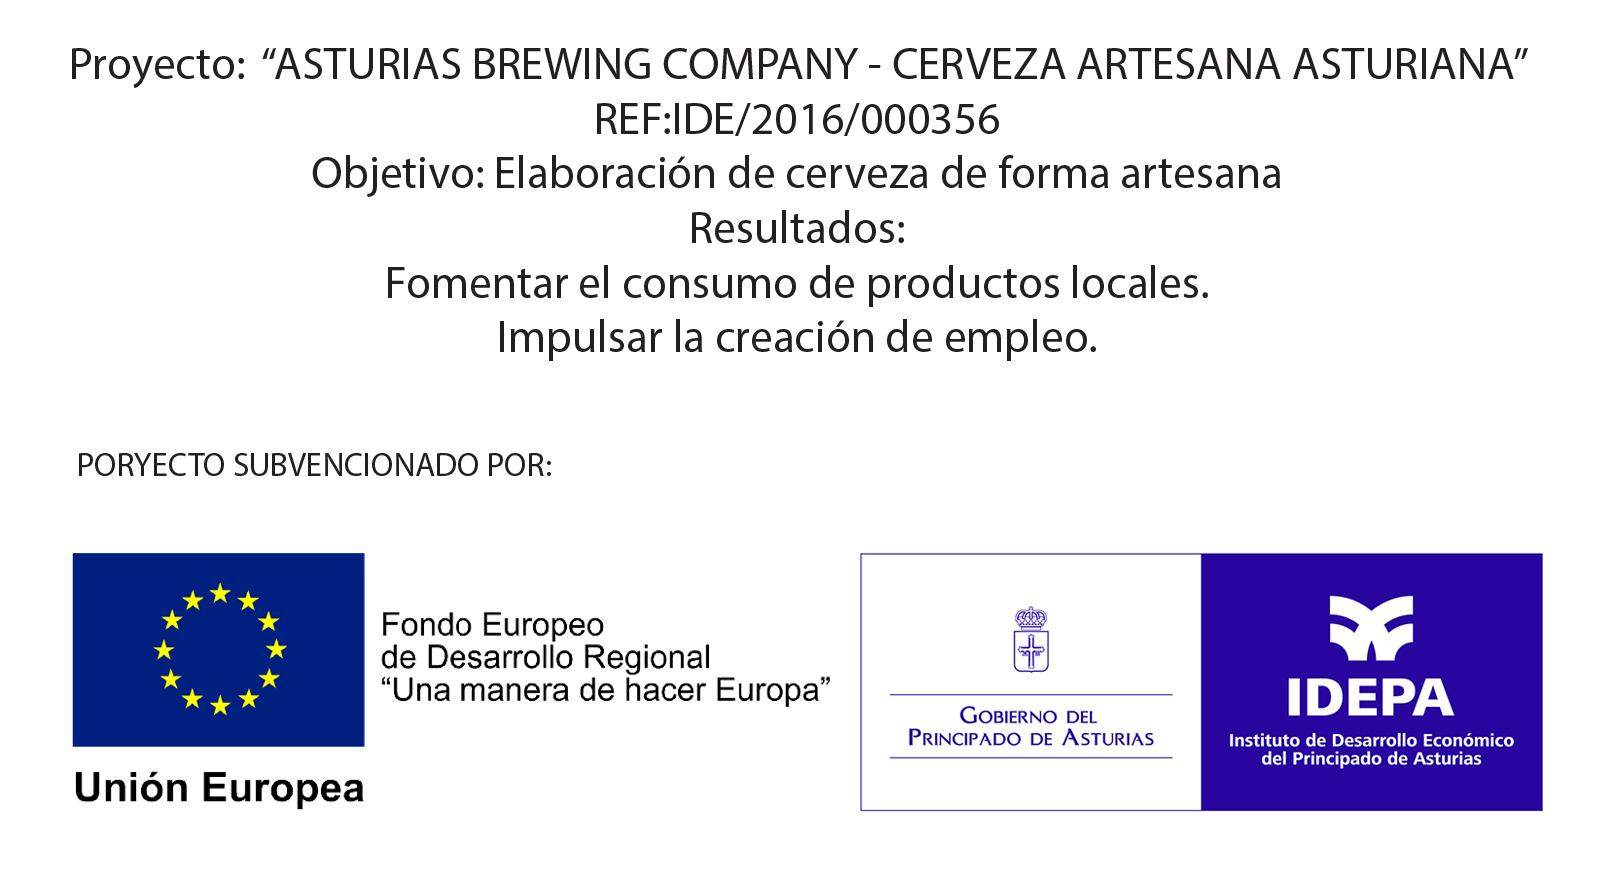 http://asturiasbrewingcompany.com/wp-content/uploads/2018/12/SUBVENCION-ABC.jpg